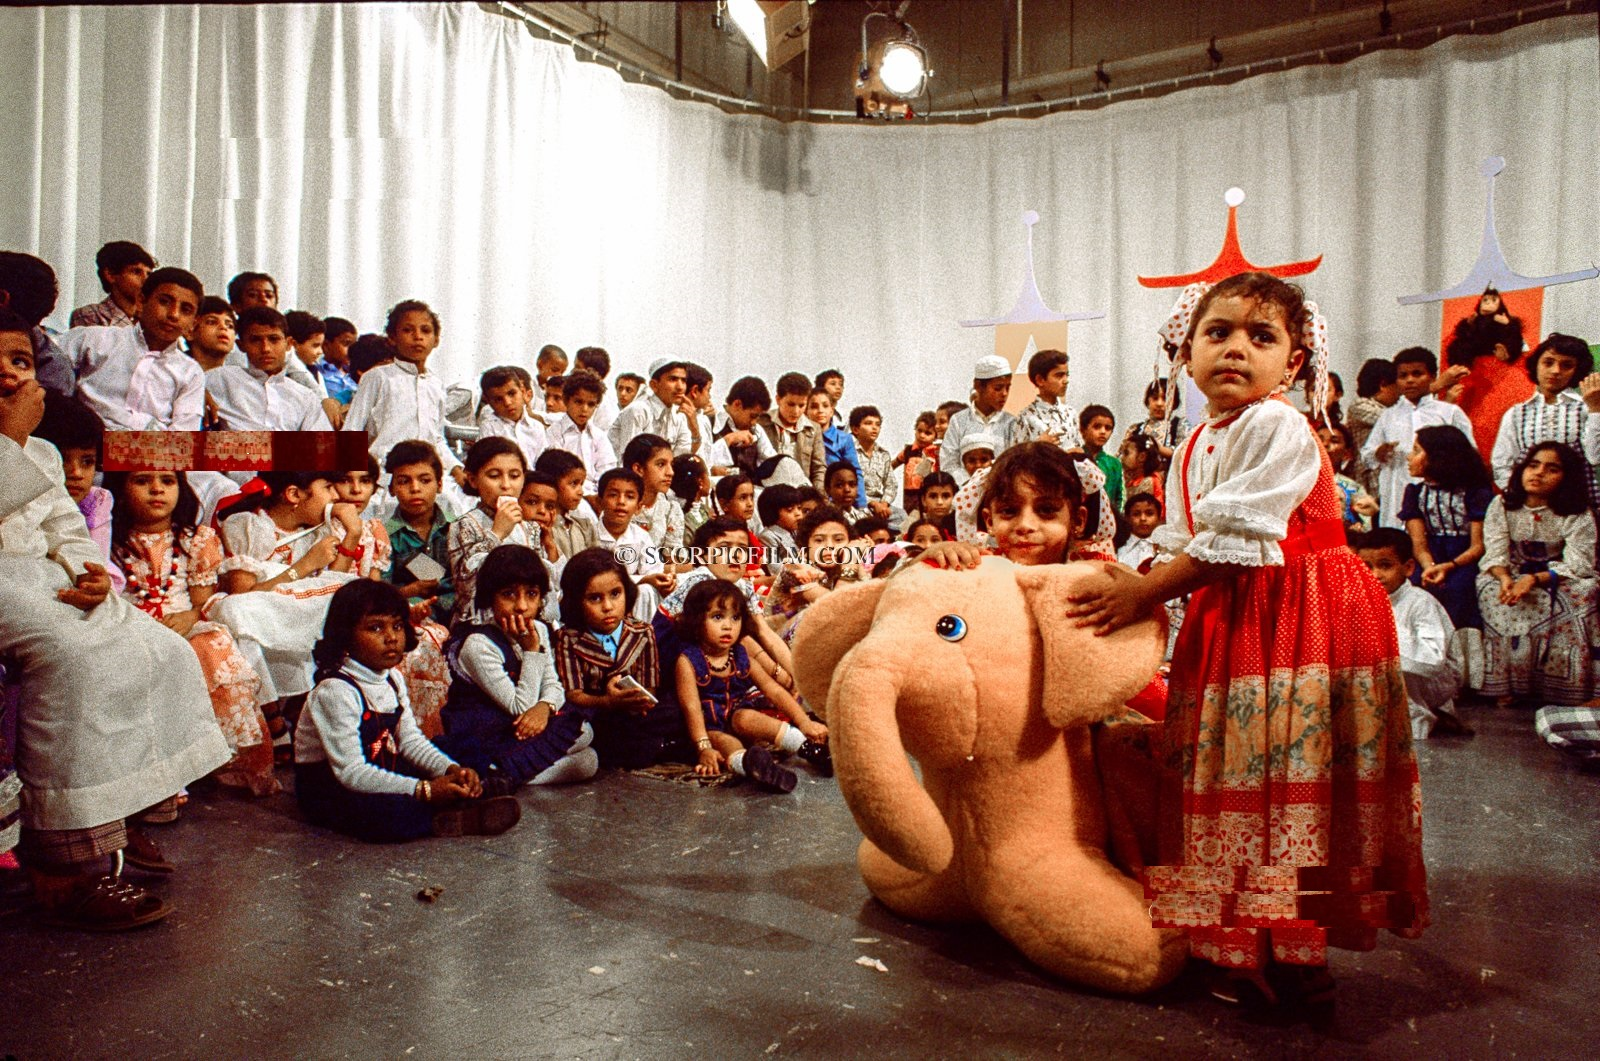 أطفال من الرياض في برنامج للأطفال قبل 42 عام